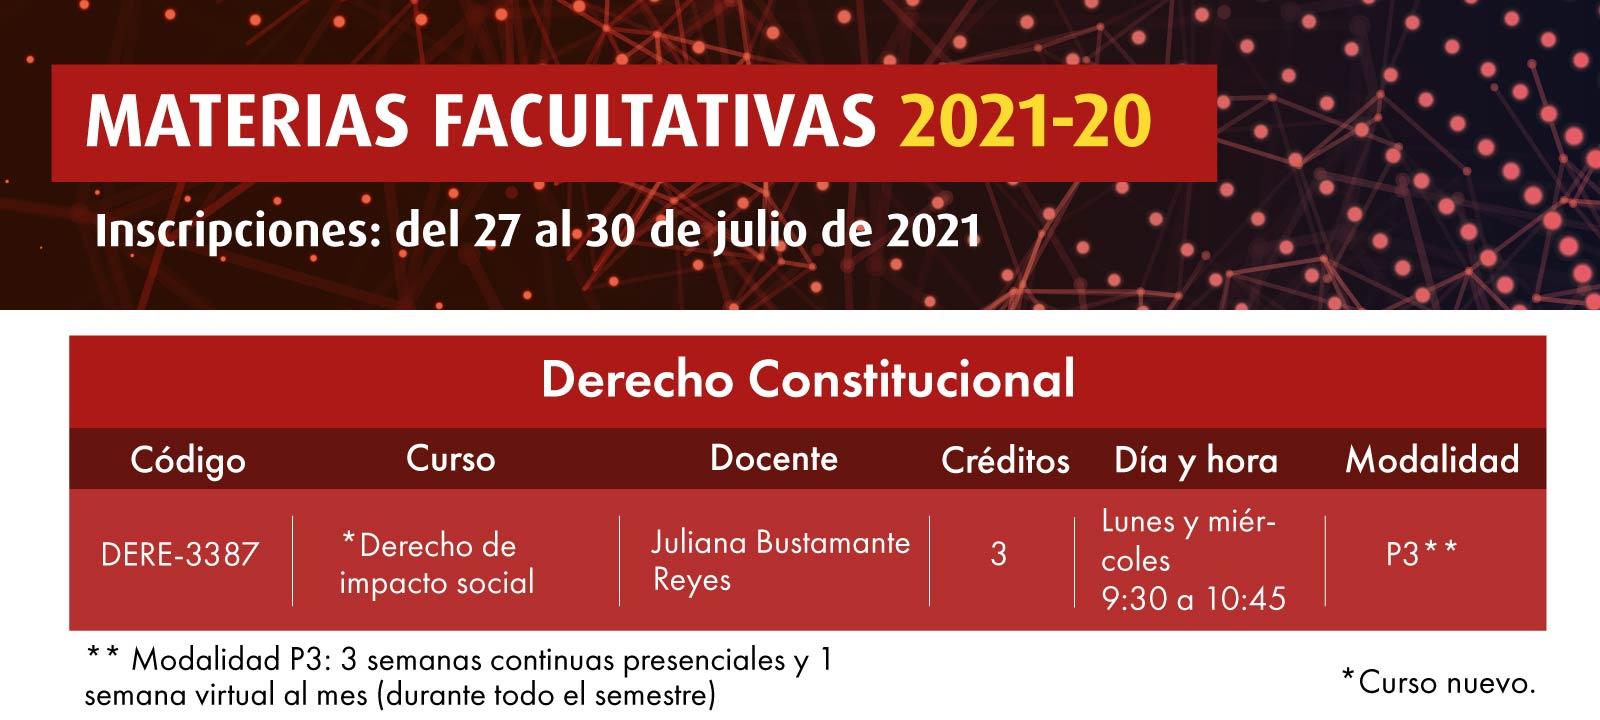 Facultativa 2021-20: Derecho de impacto social | Derecho | Uniandes